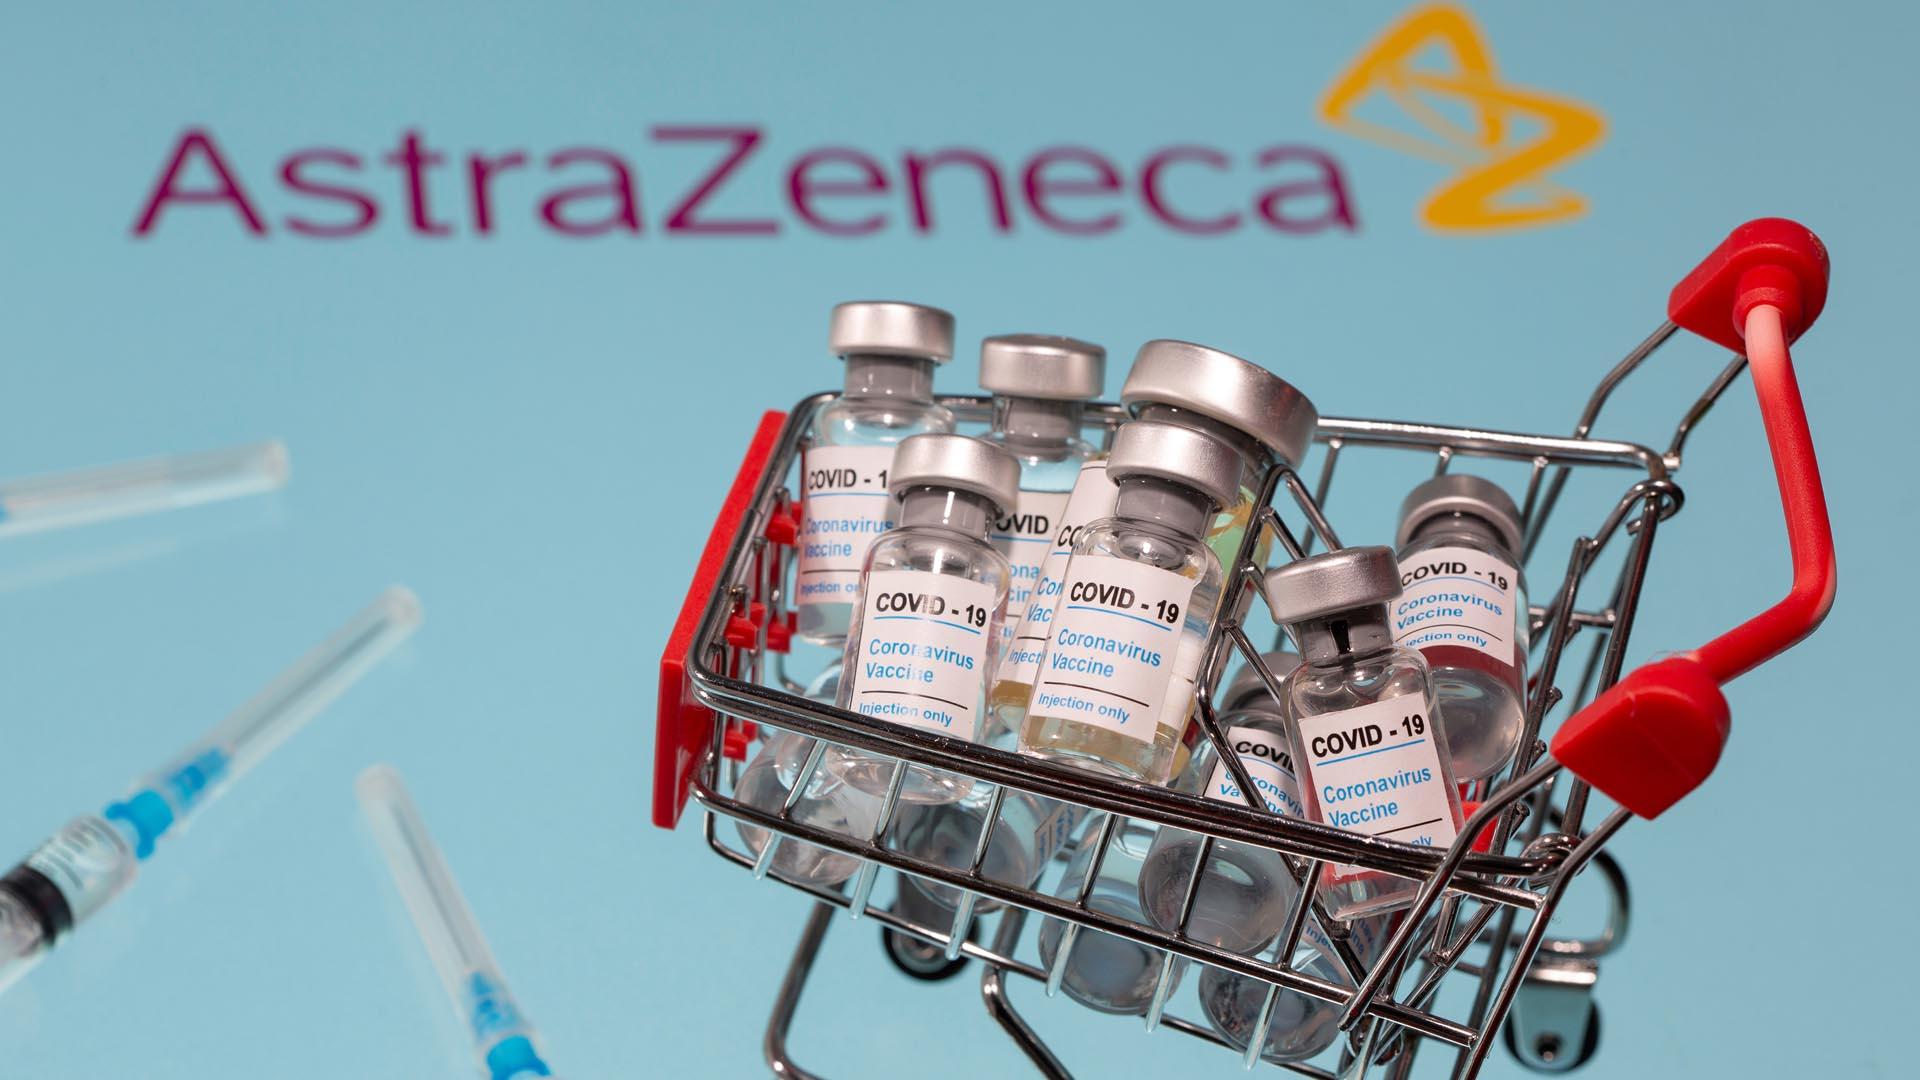 Astra 백신 검토 시작… 빠르면 다음 달에 접종